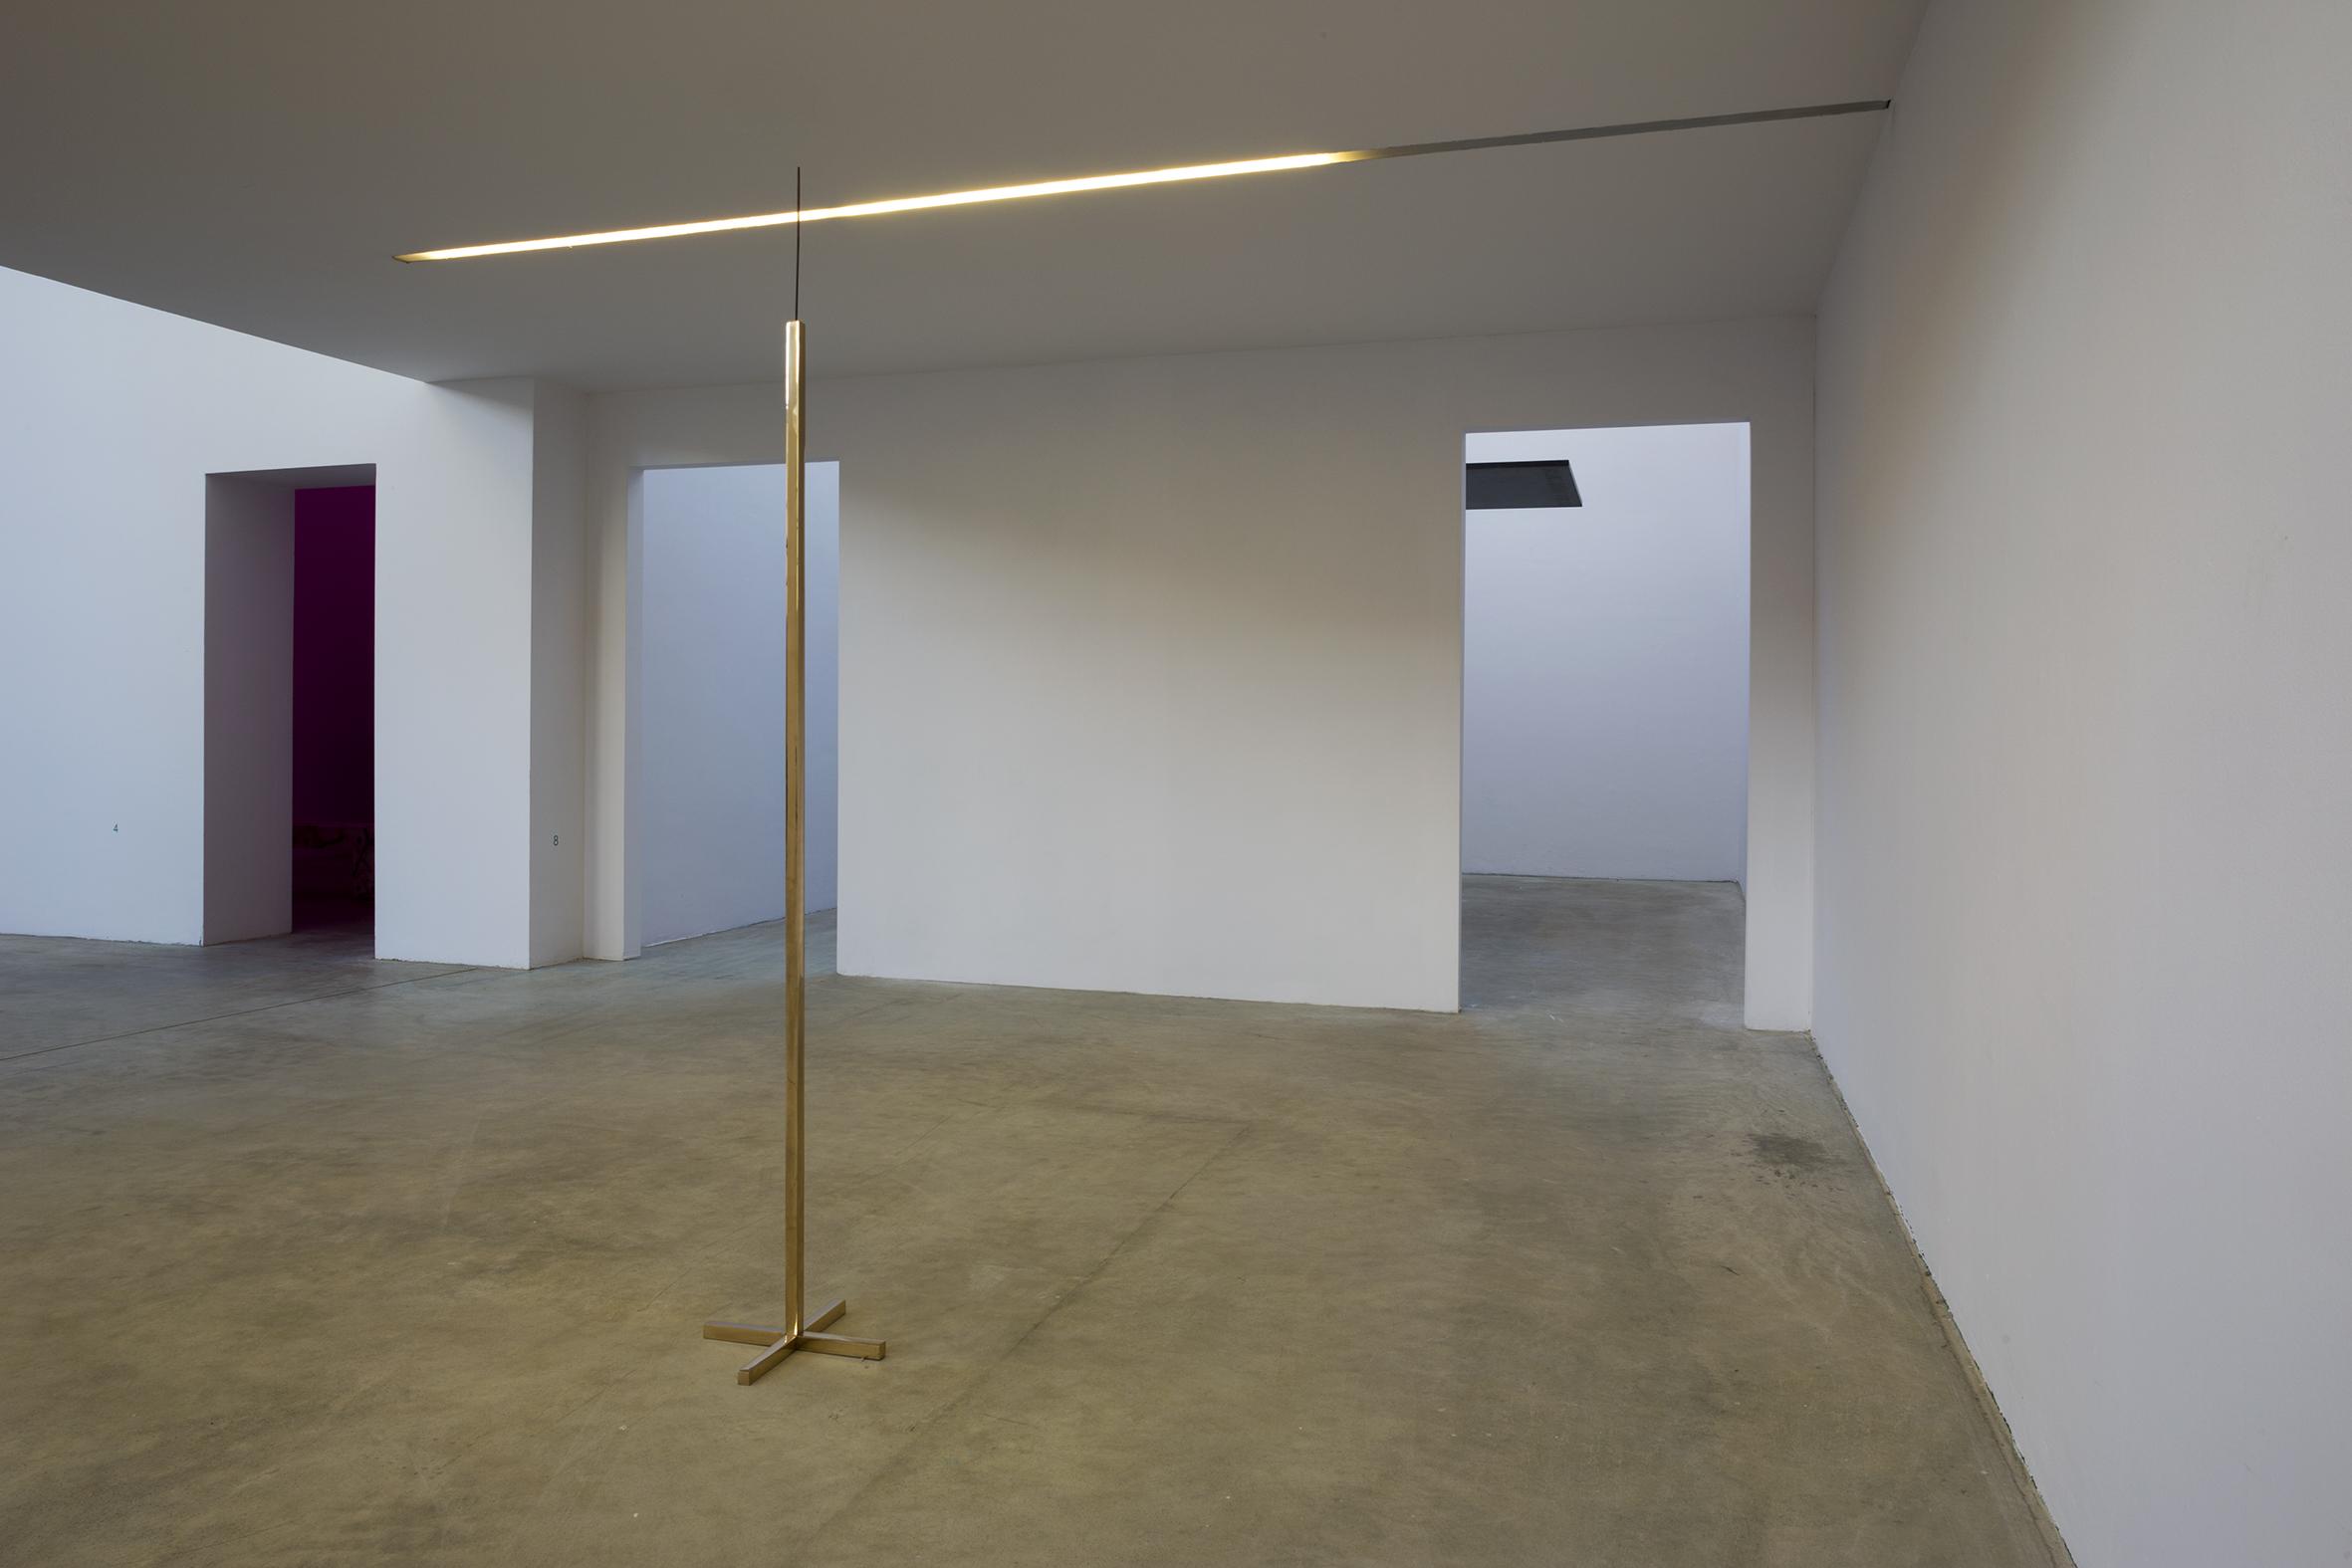 Installazione alla Fondazione Merz, Torino 2017.